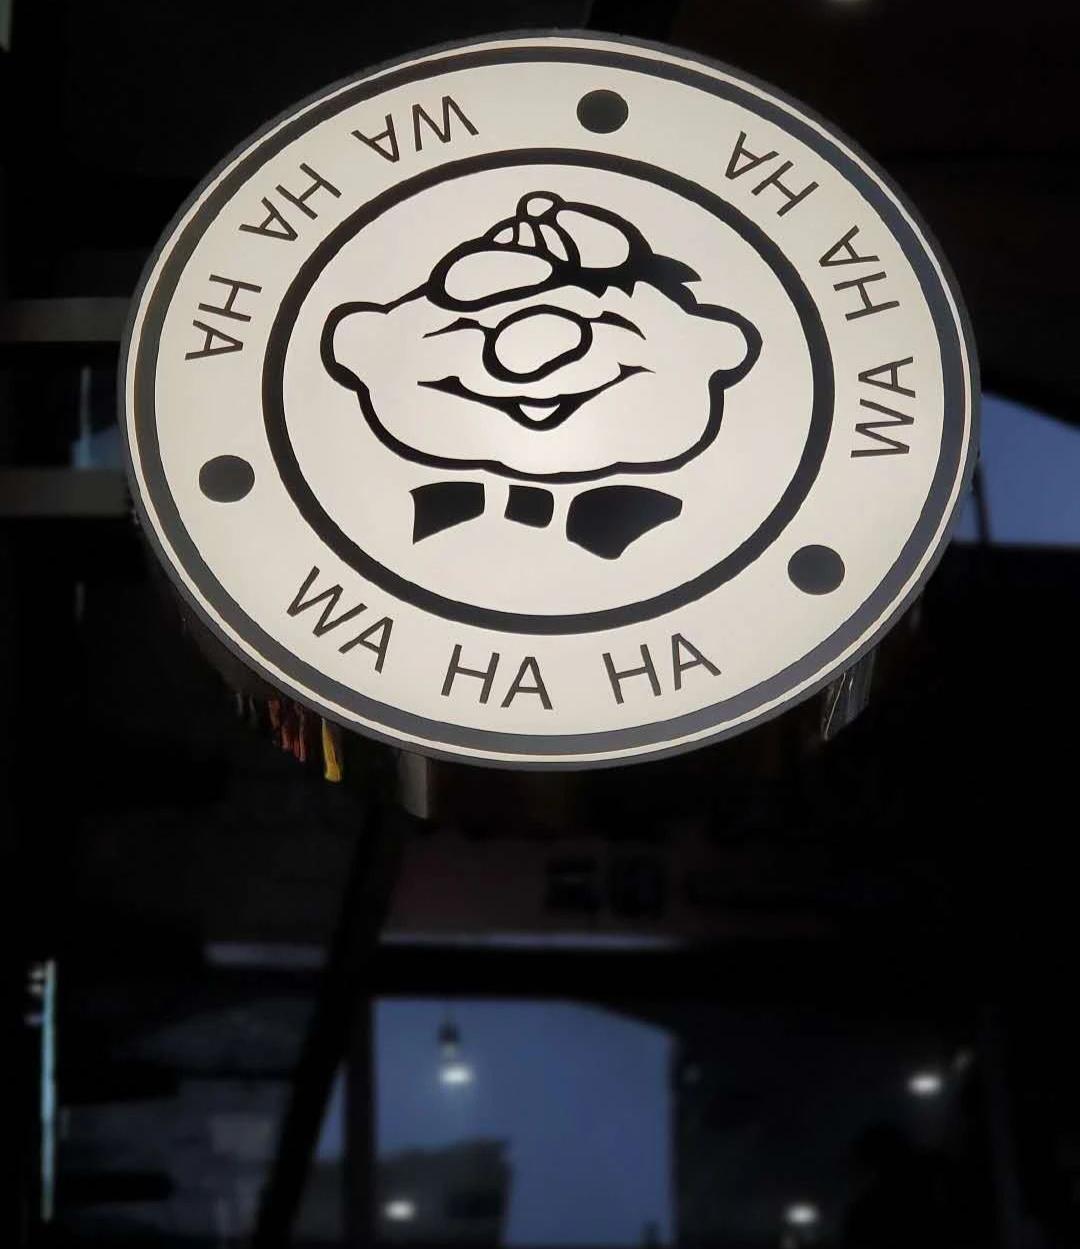 娃哈哈,真的开奶茶店了!想喝吗?-90咸鱼网